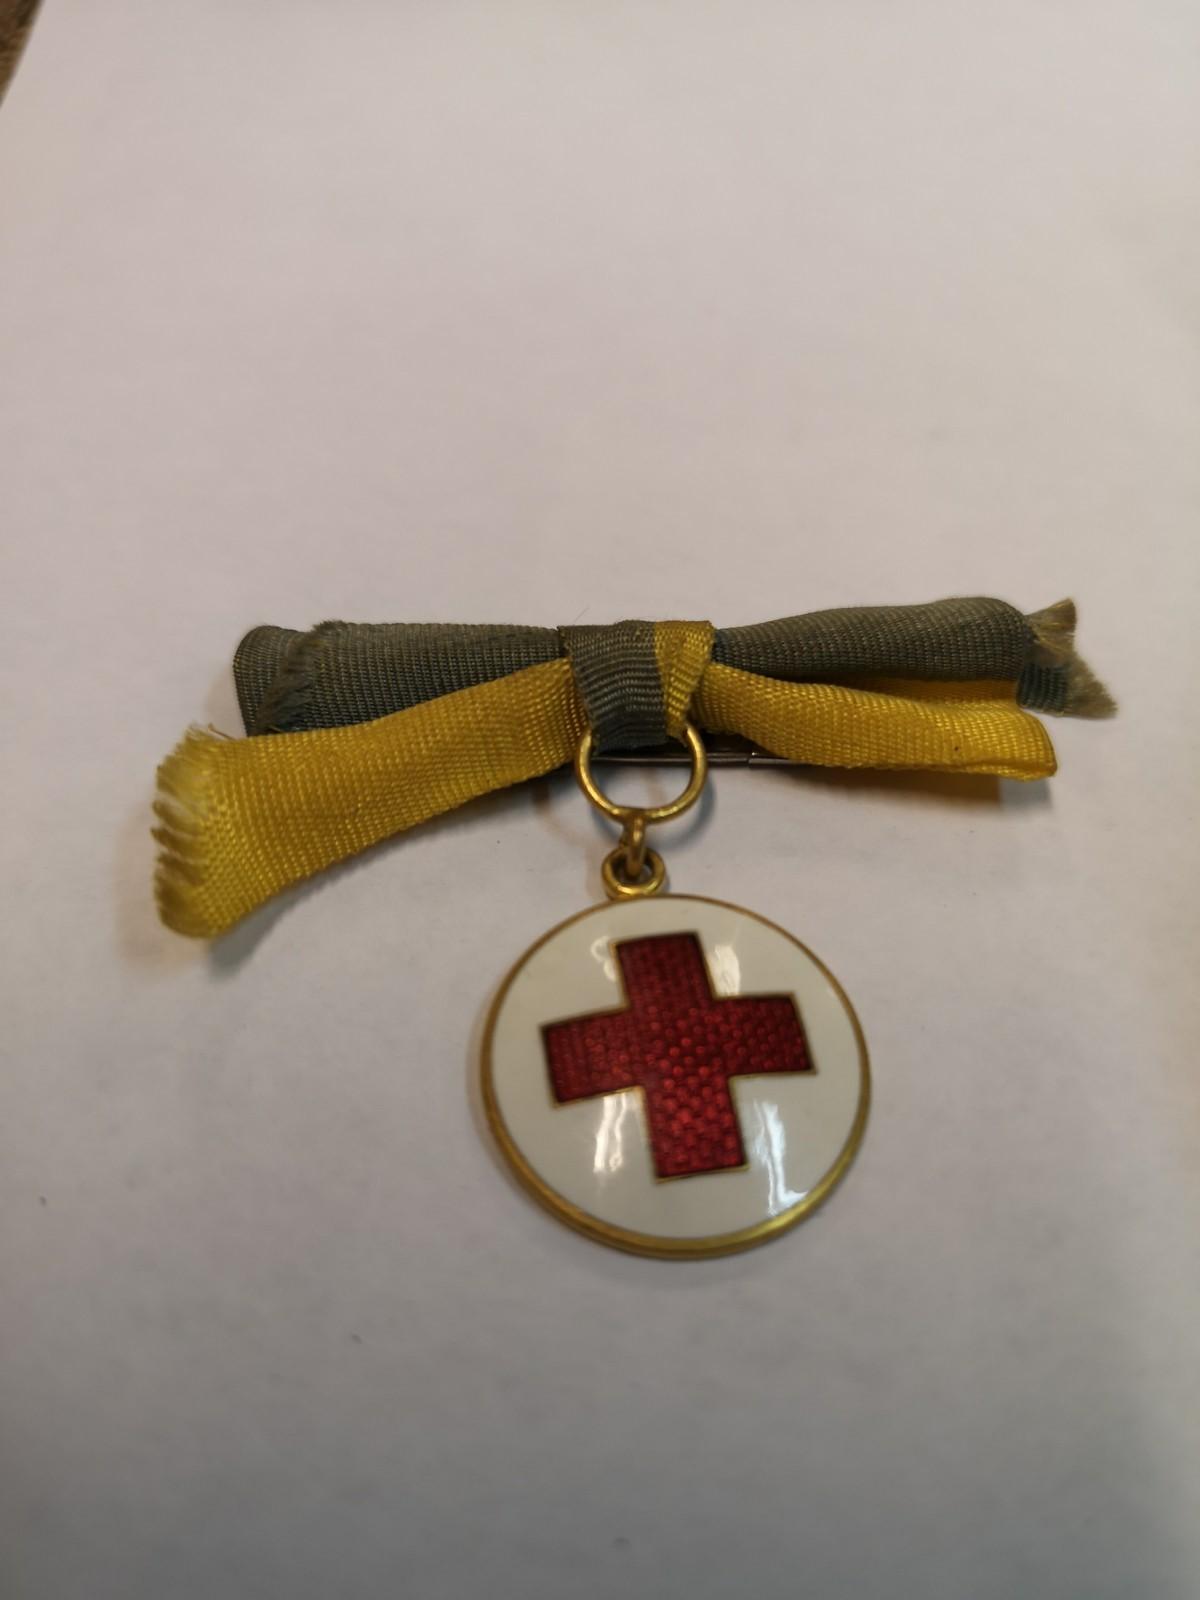 Sairaanhoitajamerkki